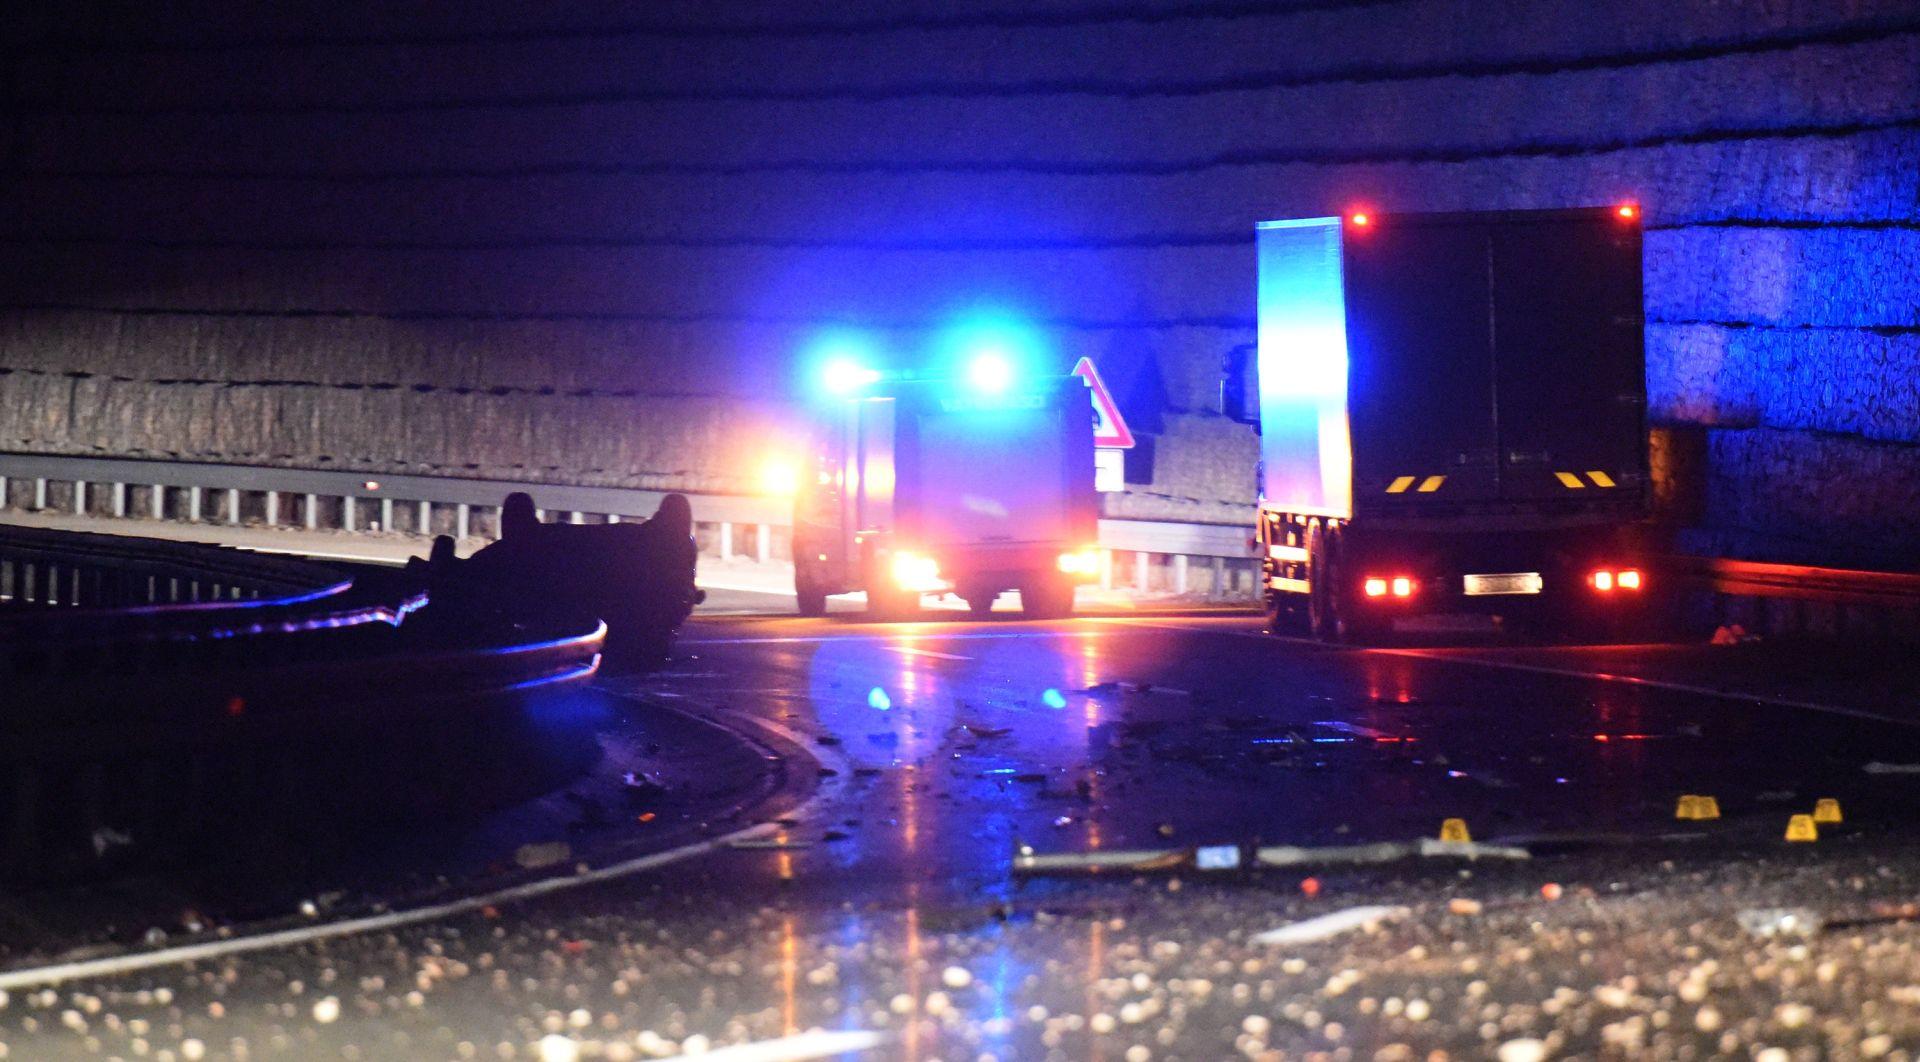 NOVI DETALJI AUTOMOBILSKE NESREĆE NA A1: Izvlačenje stradalih iz automobila trajalo satima, potrebna dodatna vještačenja